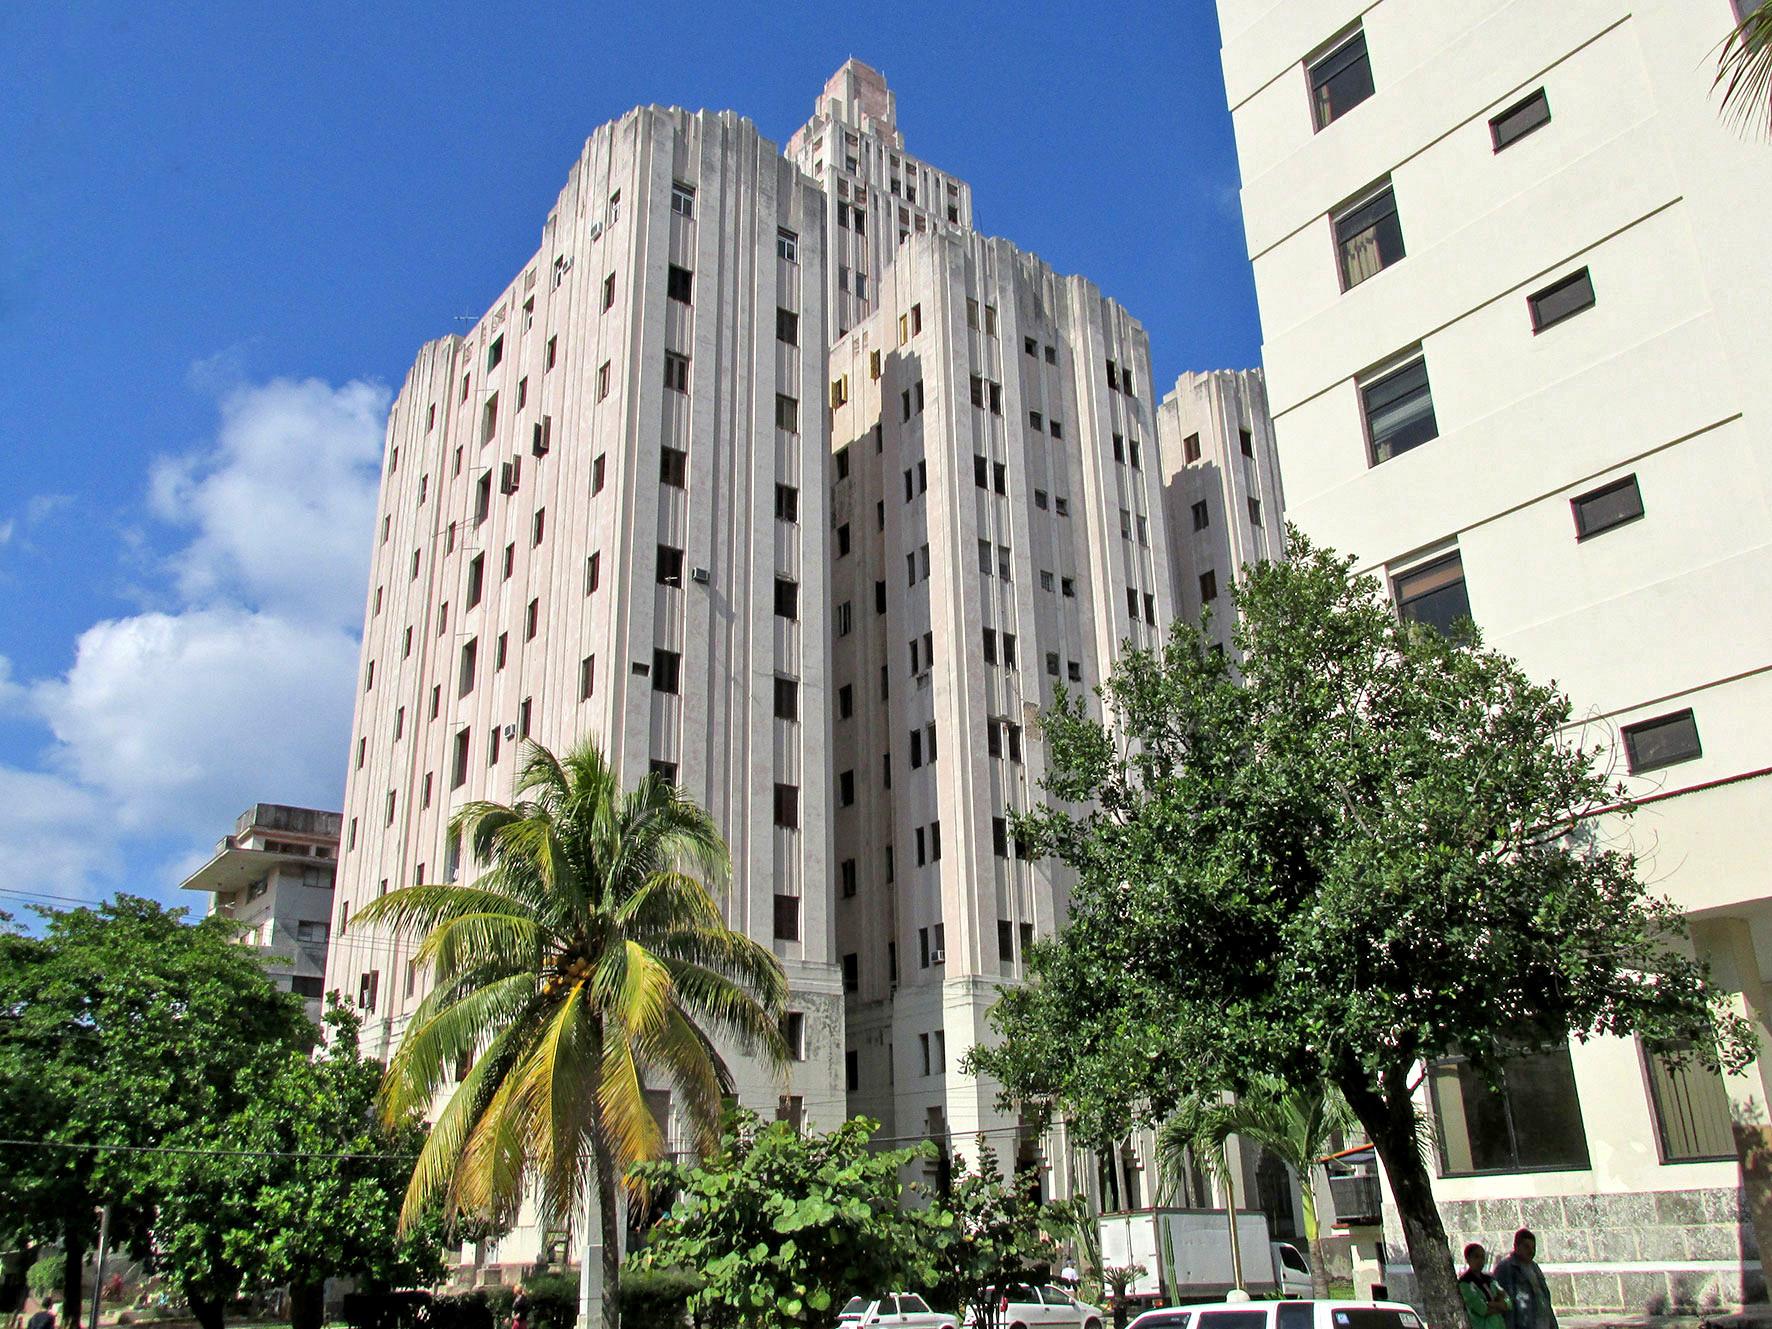 Art Decó en La Habana, cinco obras por reconocer y valorar, Edificio Pérez Serrano. Image © Karina Nogales